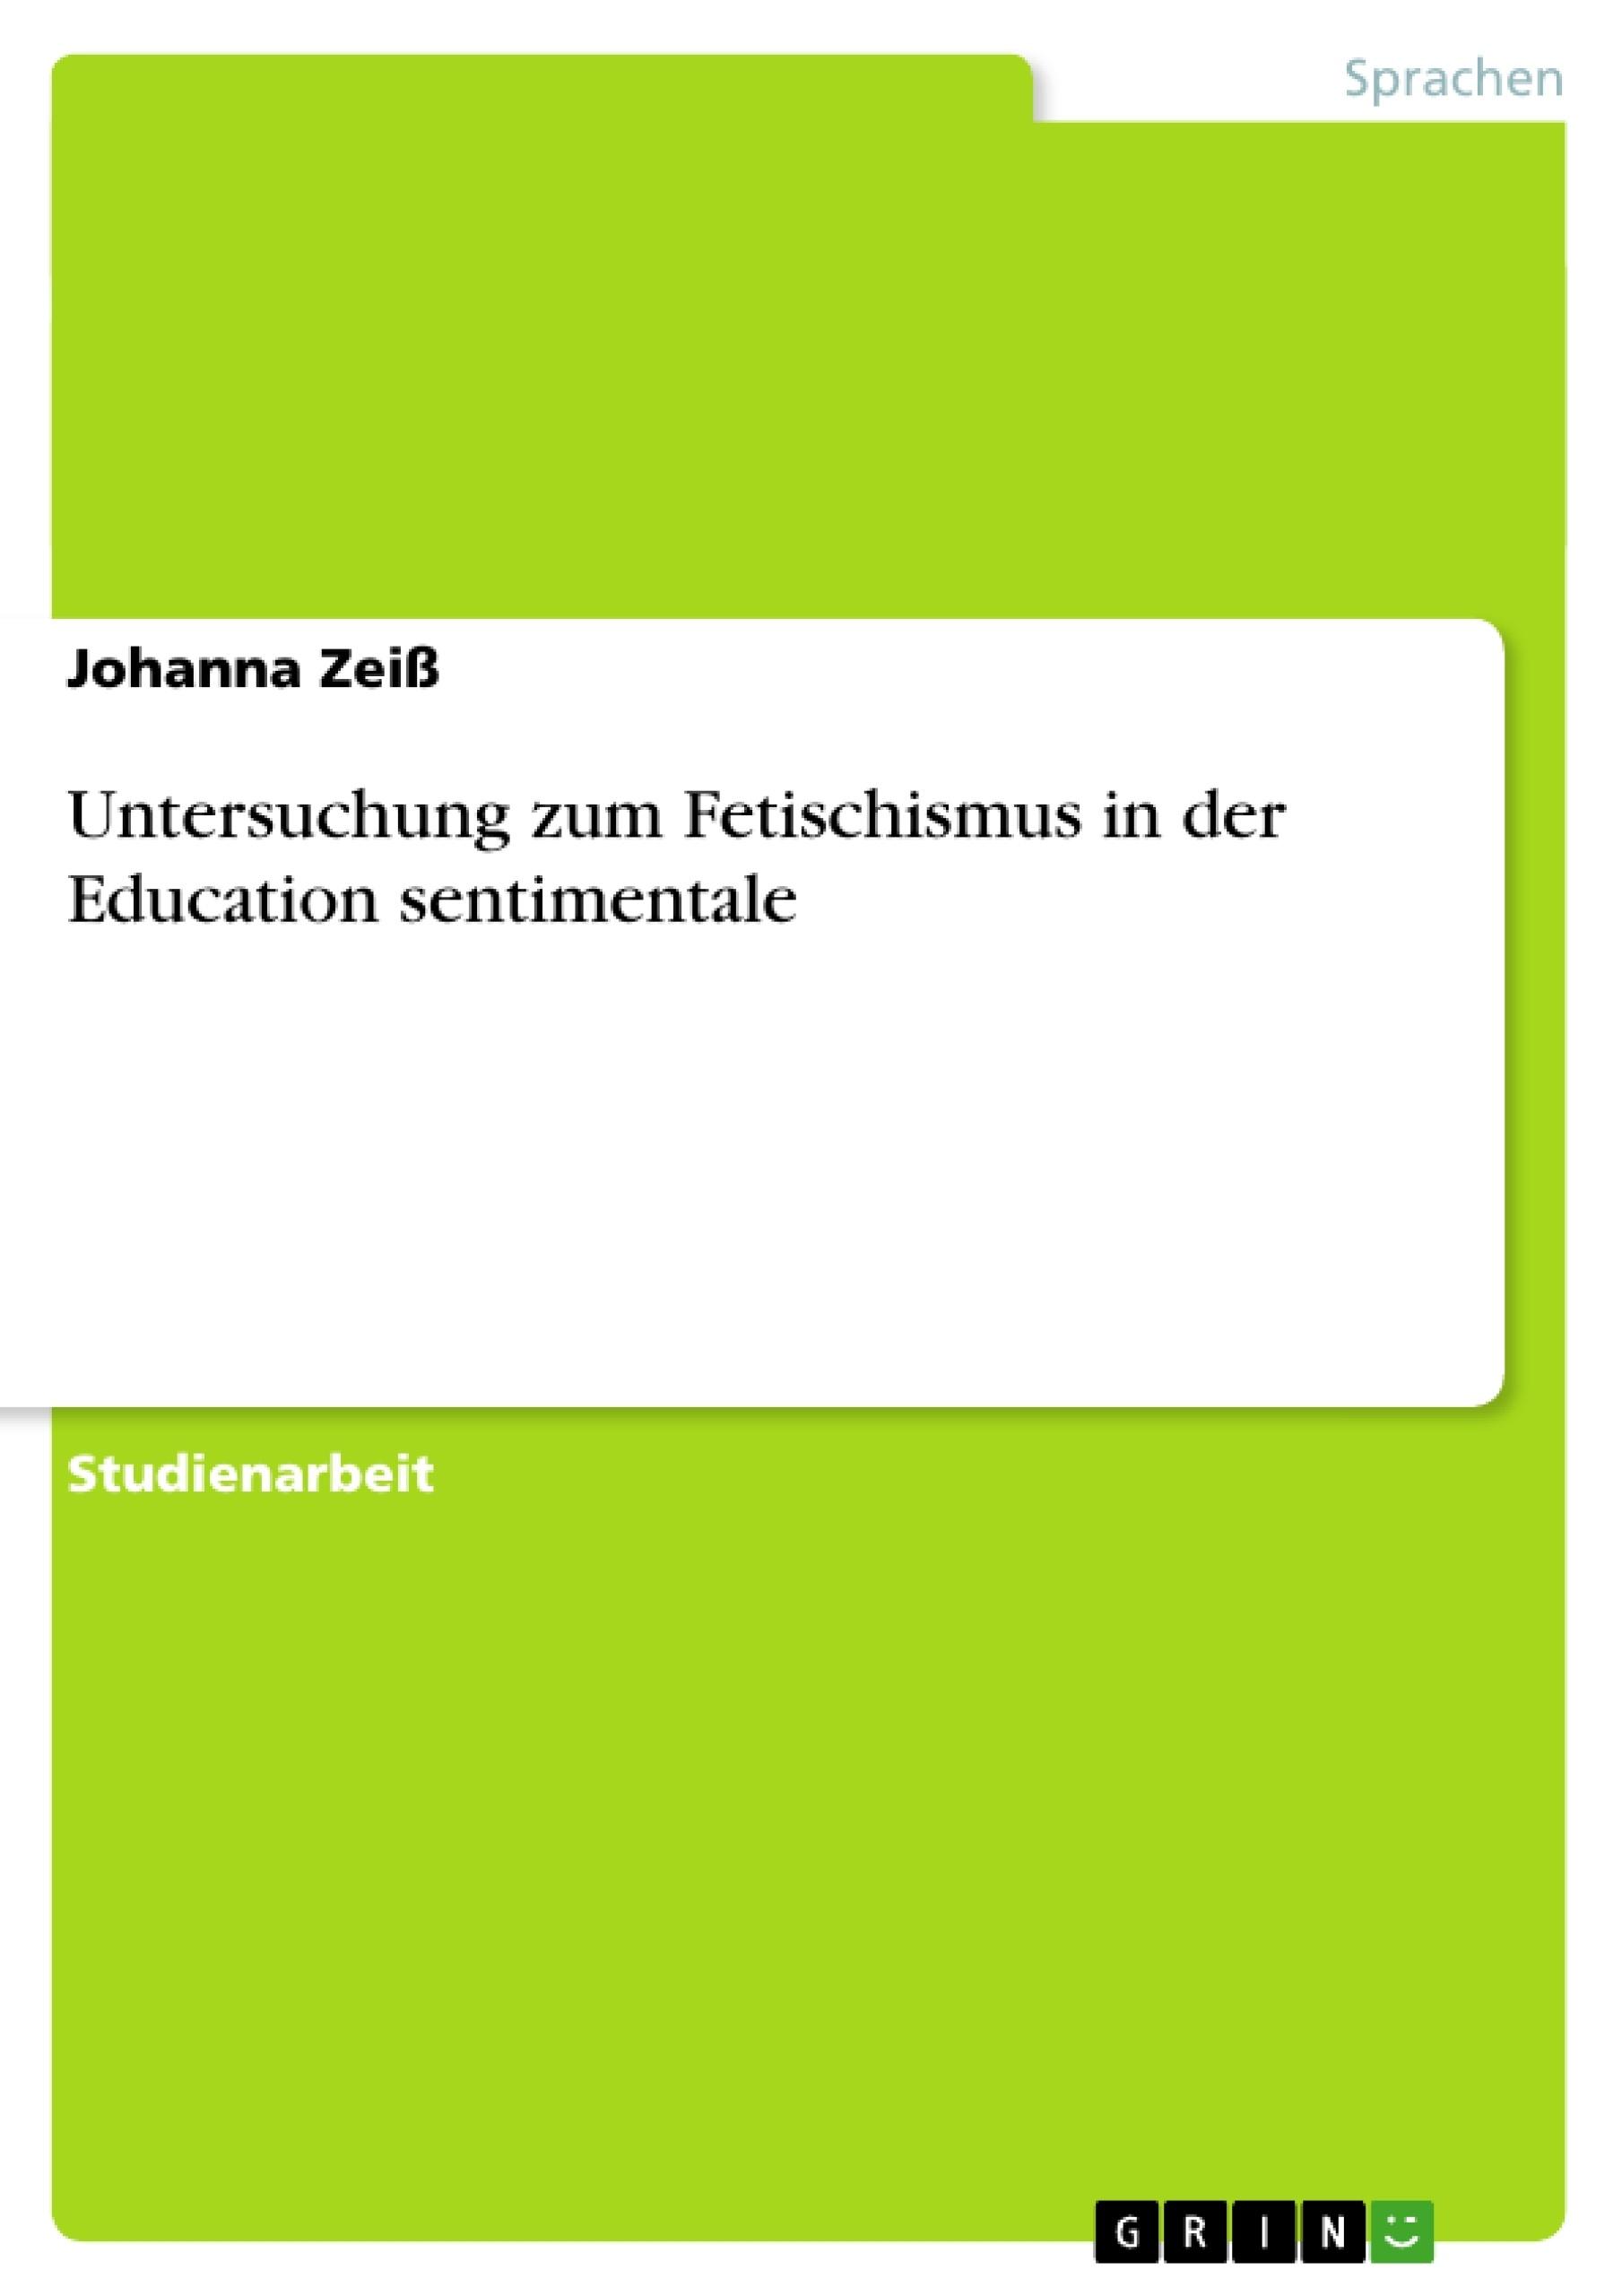 Titel: Untersuchung zum Fetischismus in der Education sentimentale